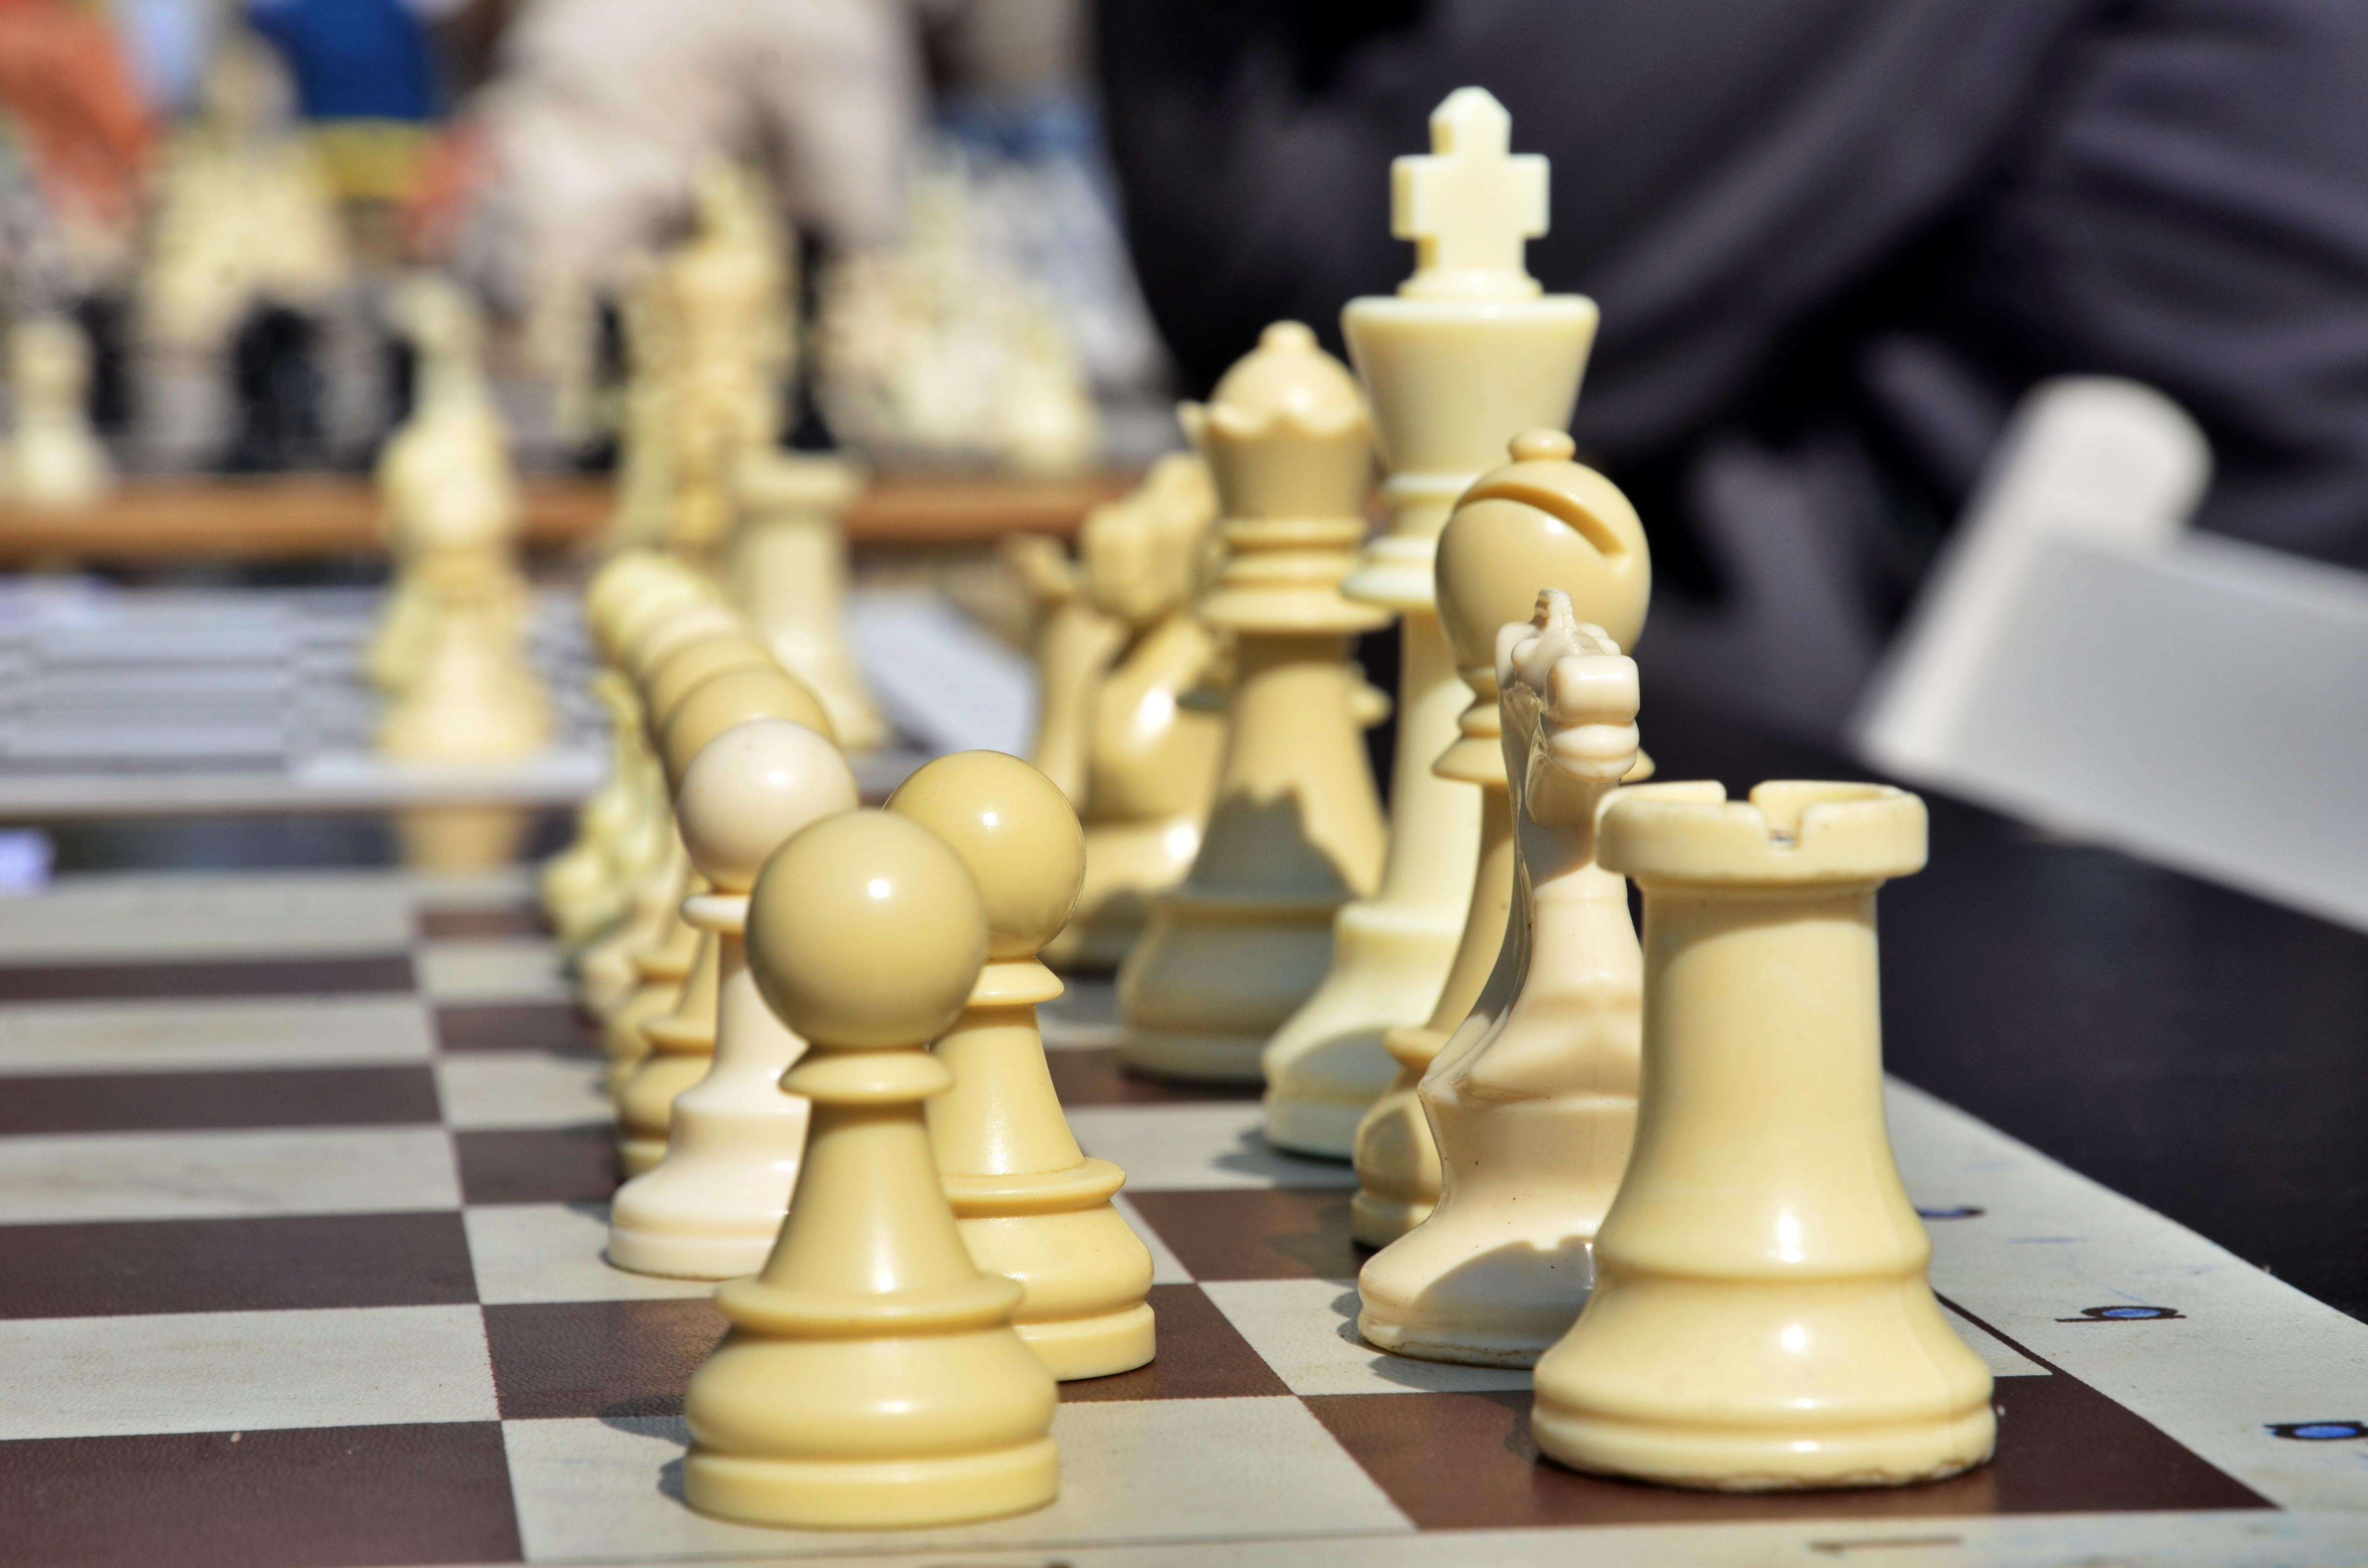 Сборная Михайлово-Ярцевского заняла первое место на окружных соревнованиях по шахматам